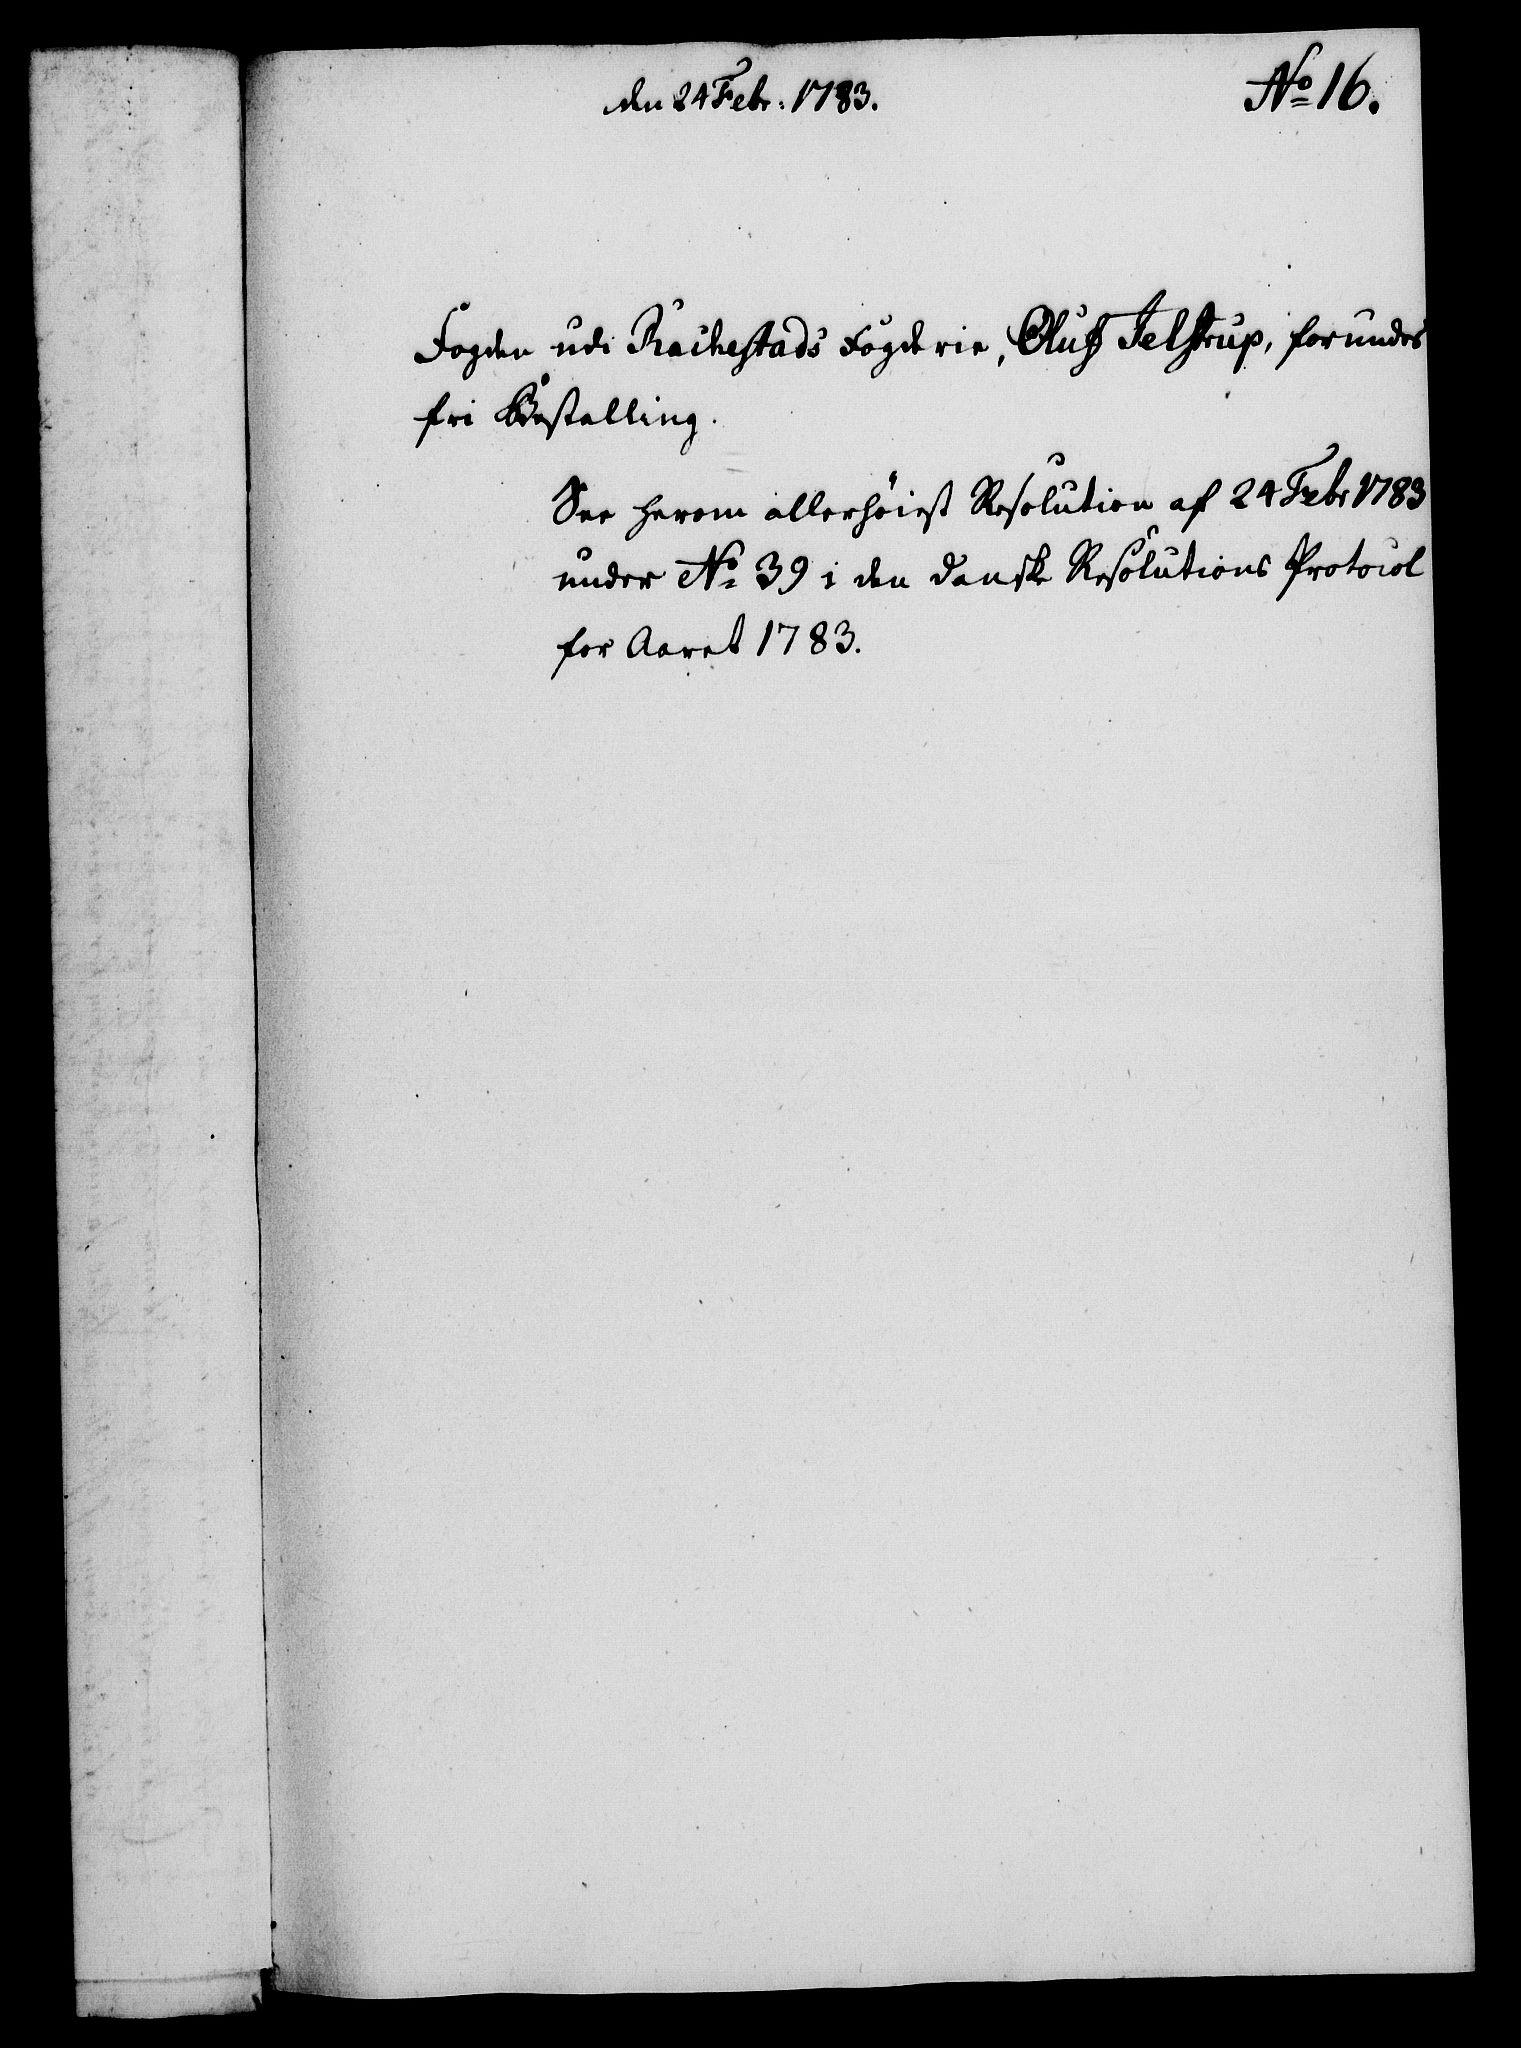 RA, Rentekammeret, Kammerkanselliet, G/Gf/Gfa/L0065: Norsk relasjons- og resolusjonsprotokoll (merket RK 52.65), 1783, s. 111